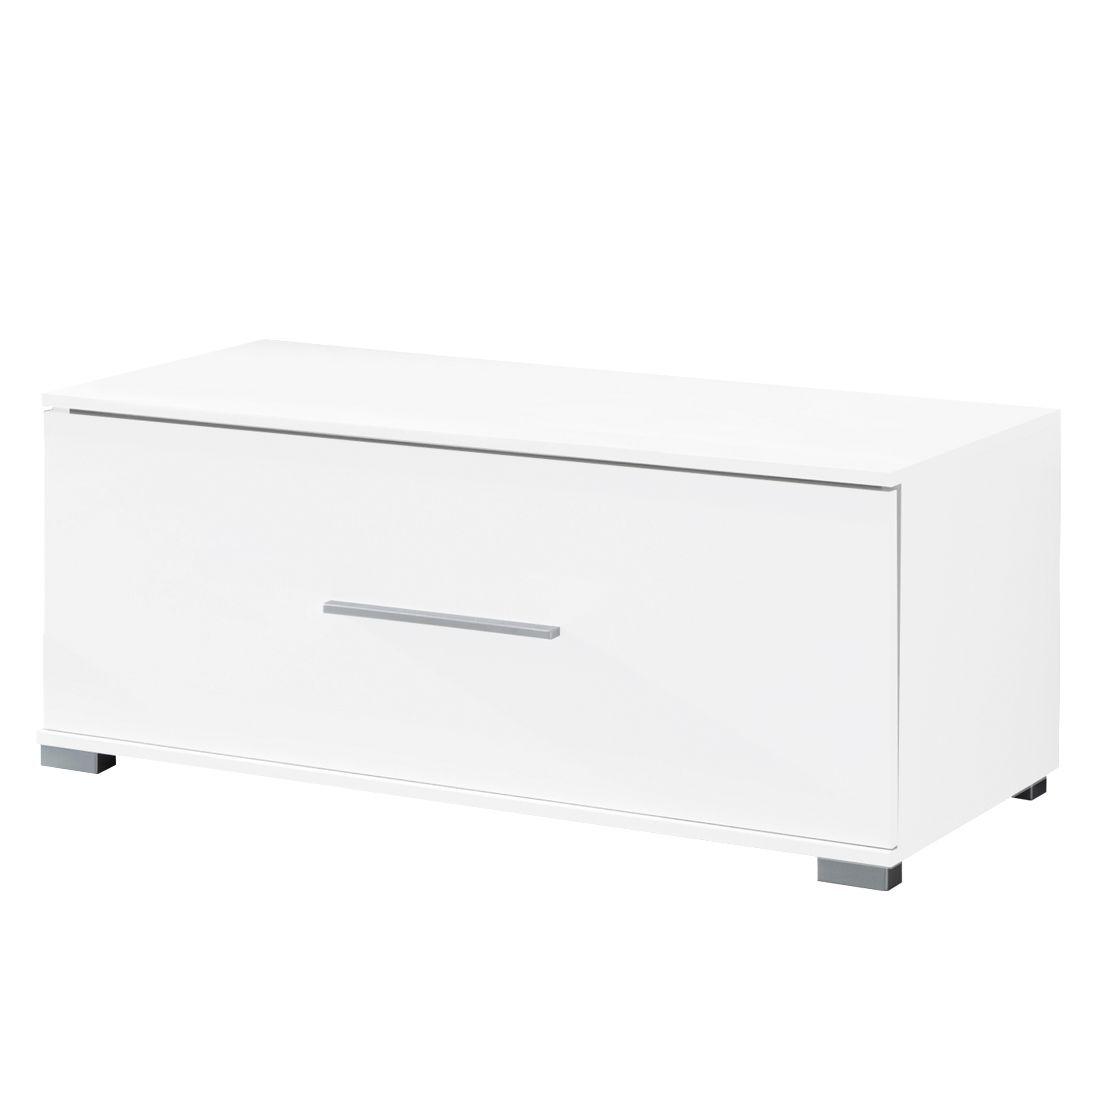 Catgorie meubles de tlvision marque fredriks page 1 du for Meuble tv 75 cm hauteur